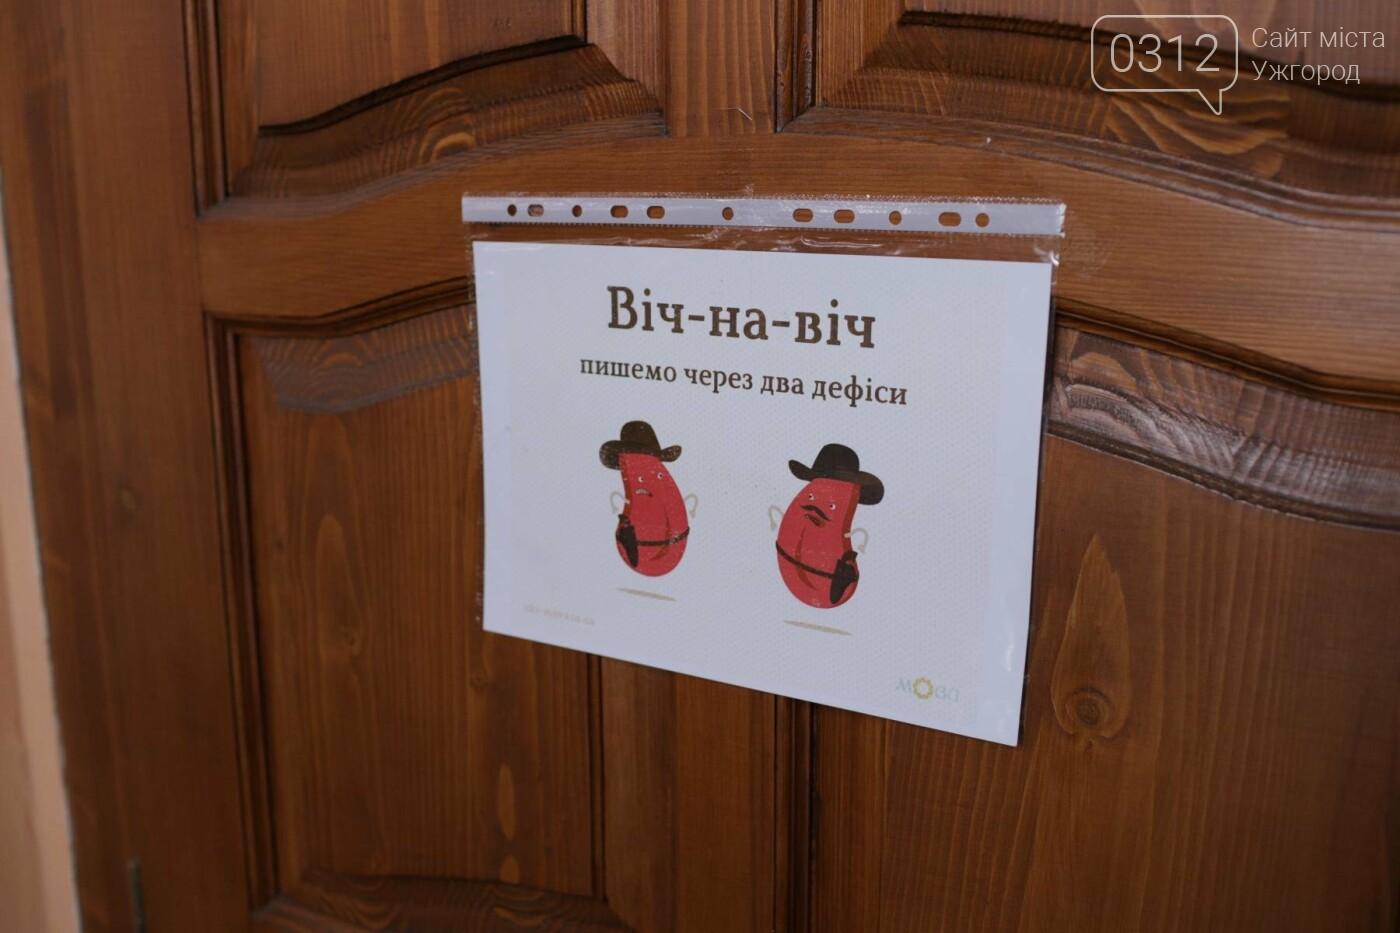 Як в Ужгороді святкували День української мови та писемності в школах №3 та №10: ФОТОРЕПОРТАЖ, ВІДЕО, фото-3